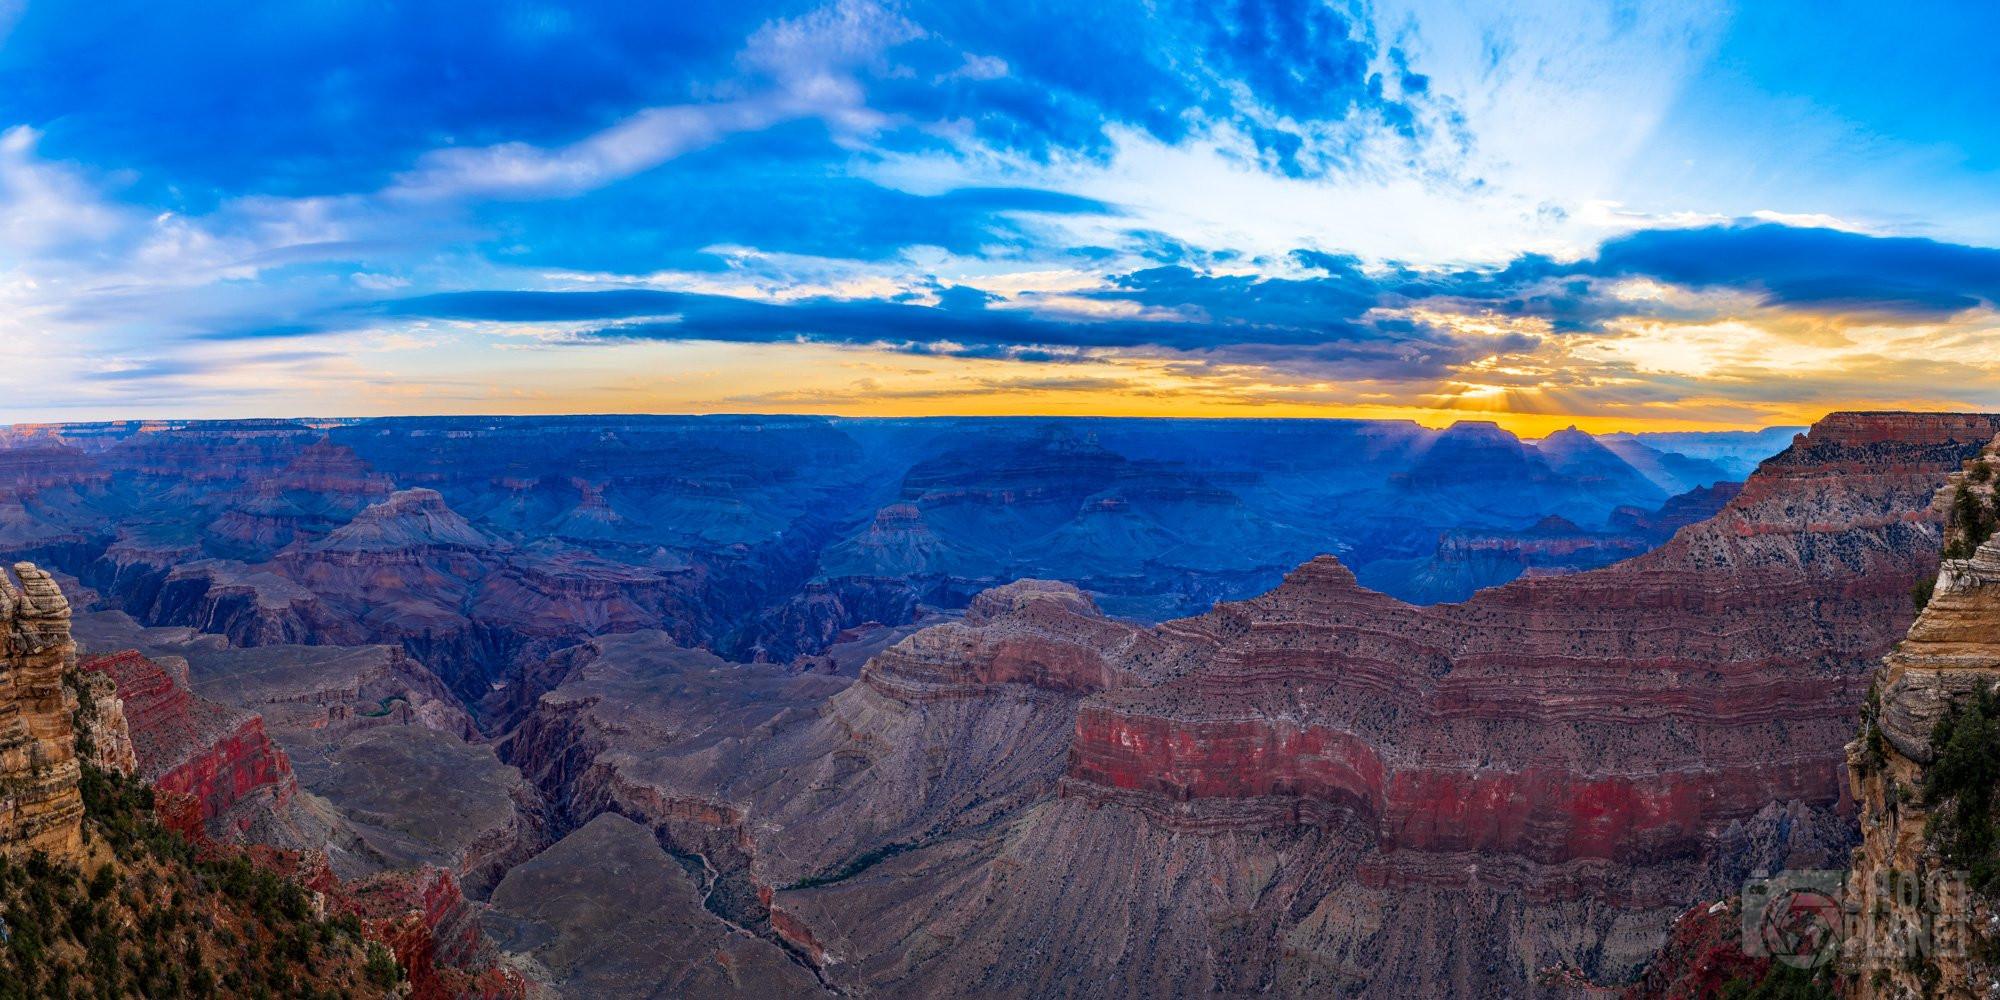 Grand Canyon sunset light rays, Arizona USA